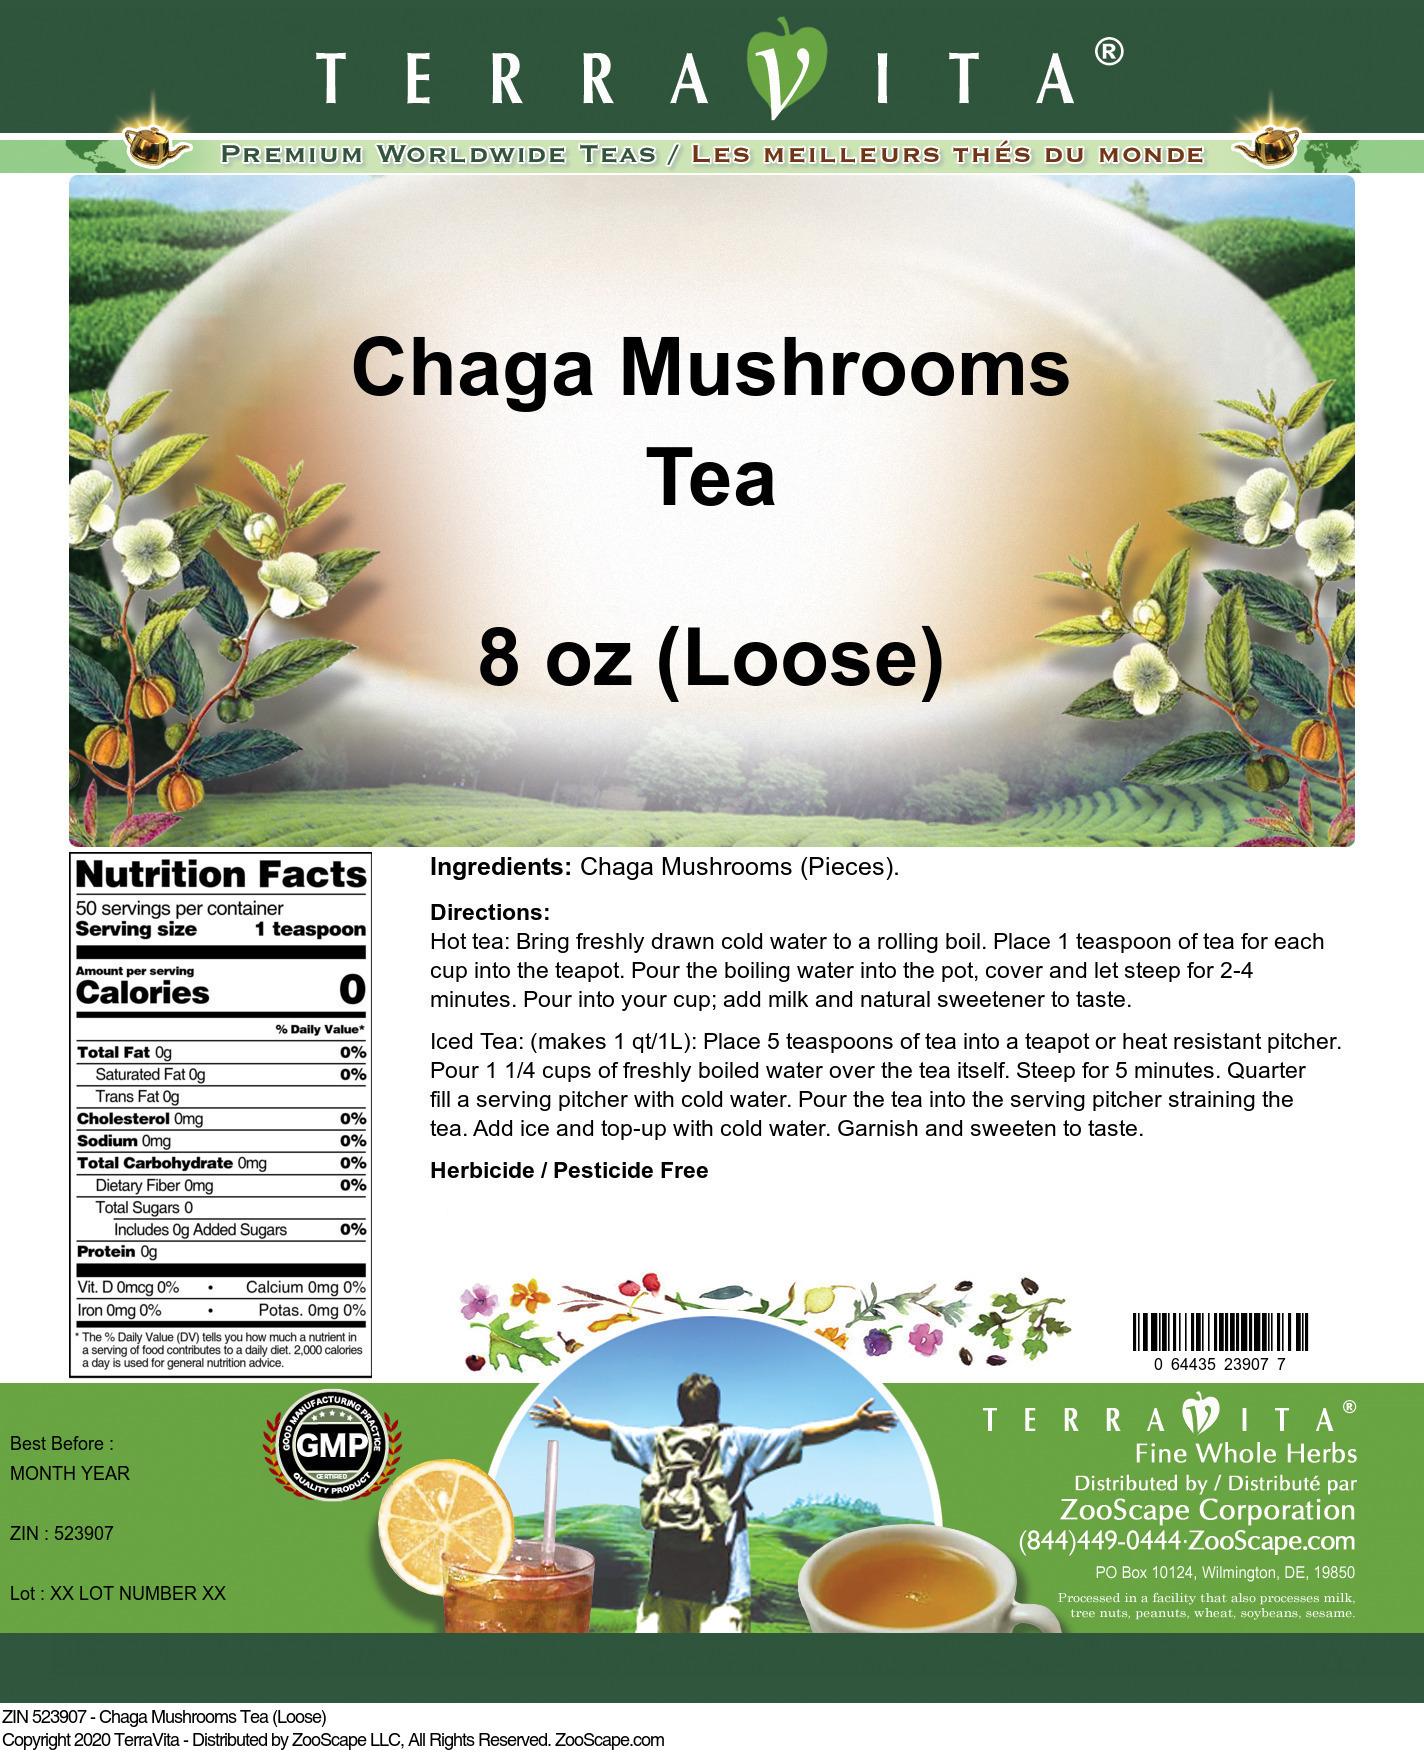 Chaga Mushrooms Tea (Loose)